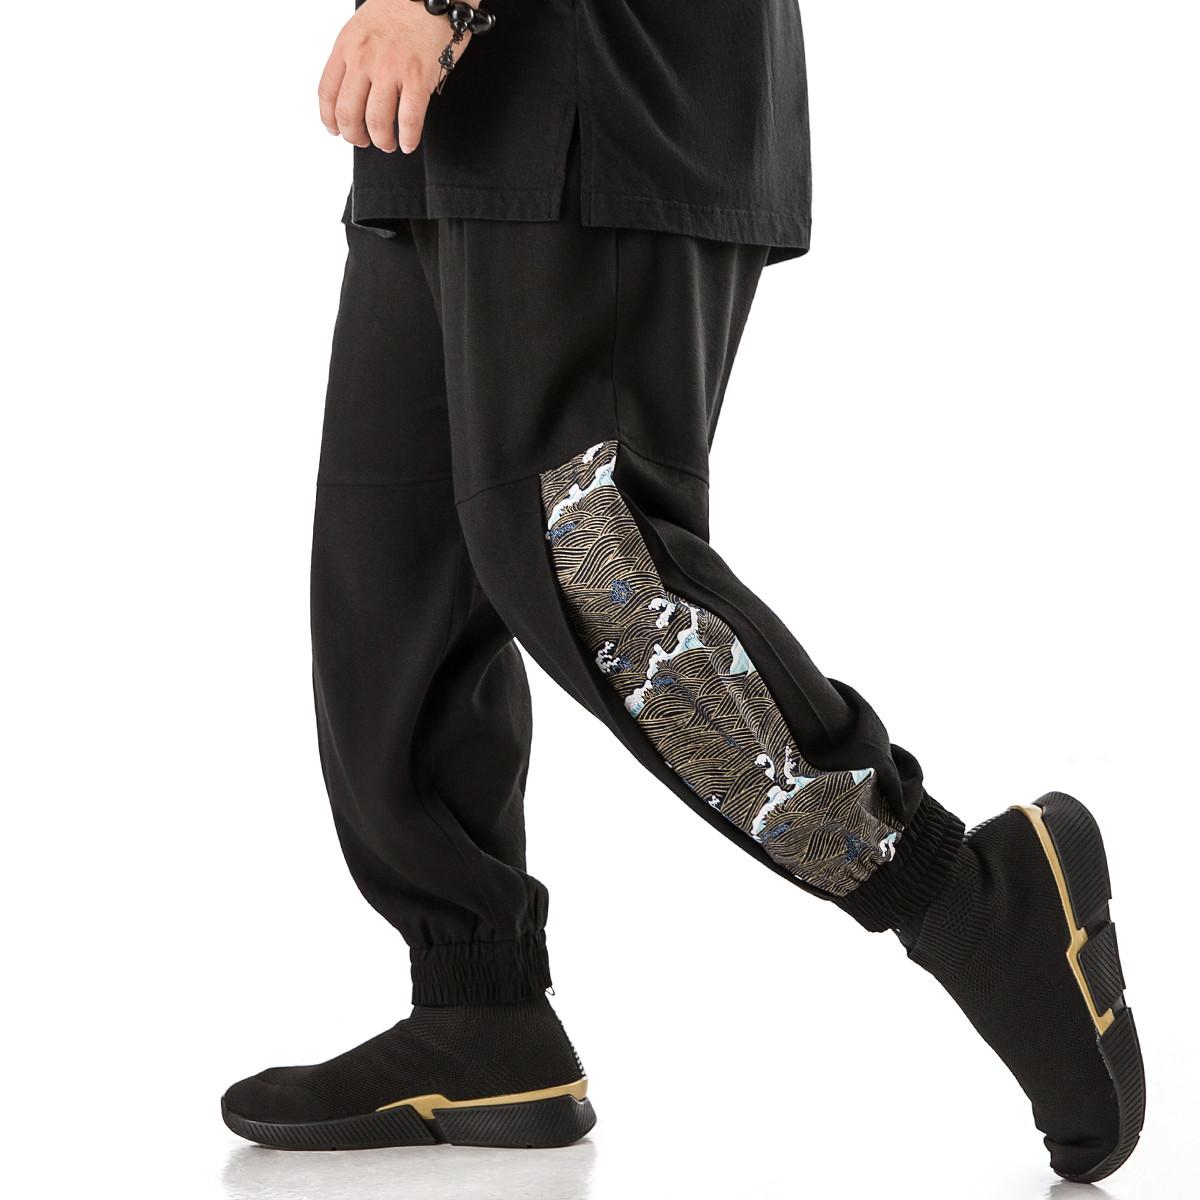 Jsmix2020春款大码男装宽松系绳撞色九分休闲裤男个性印花束脚裤01JK2629黑色